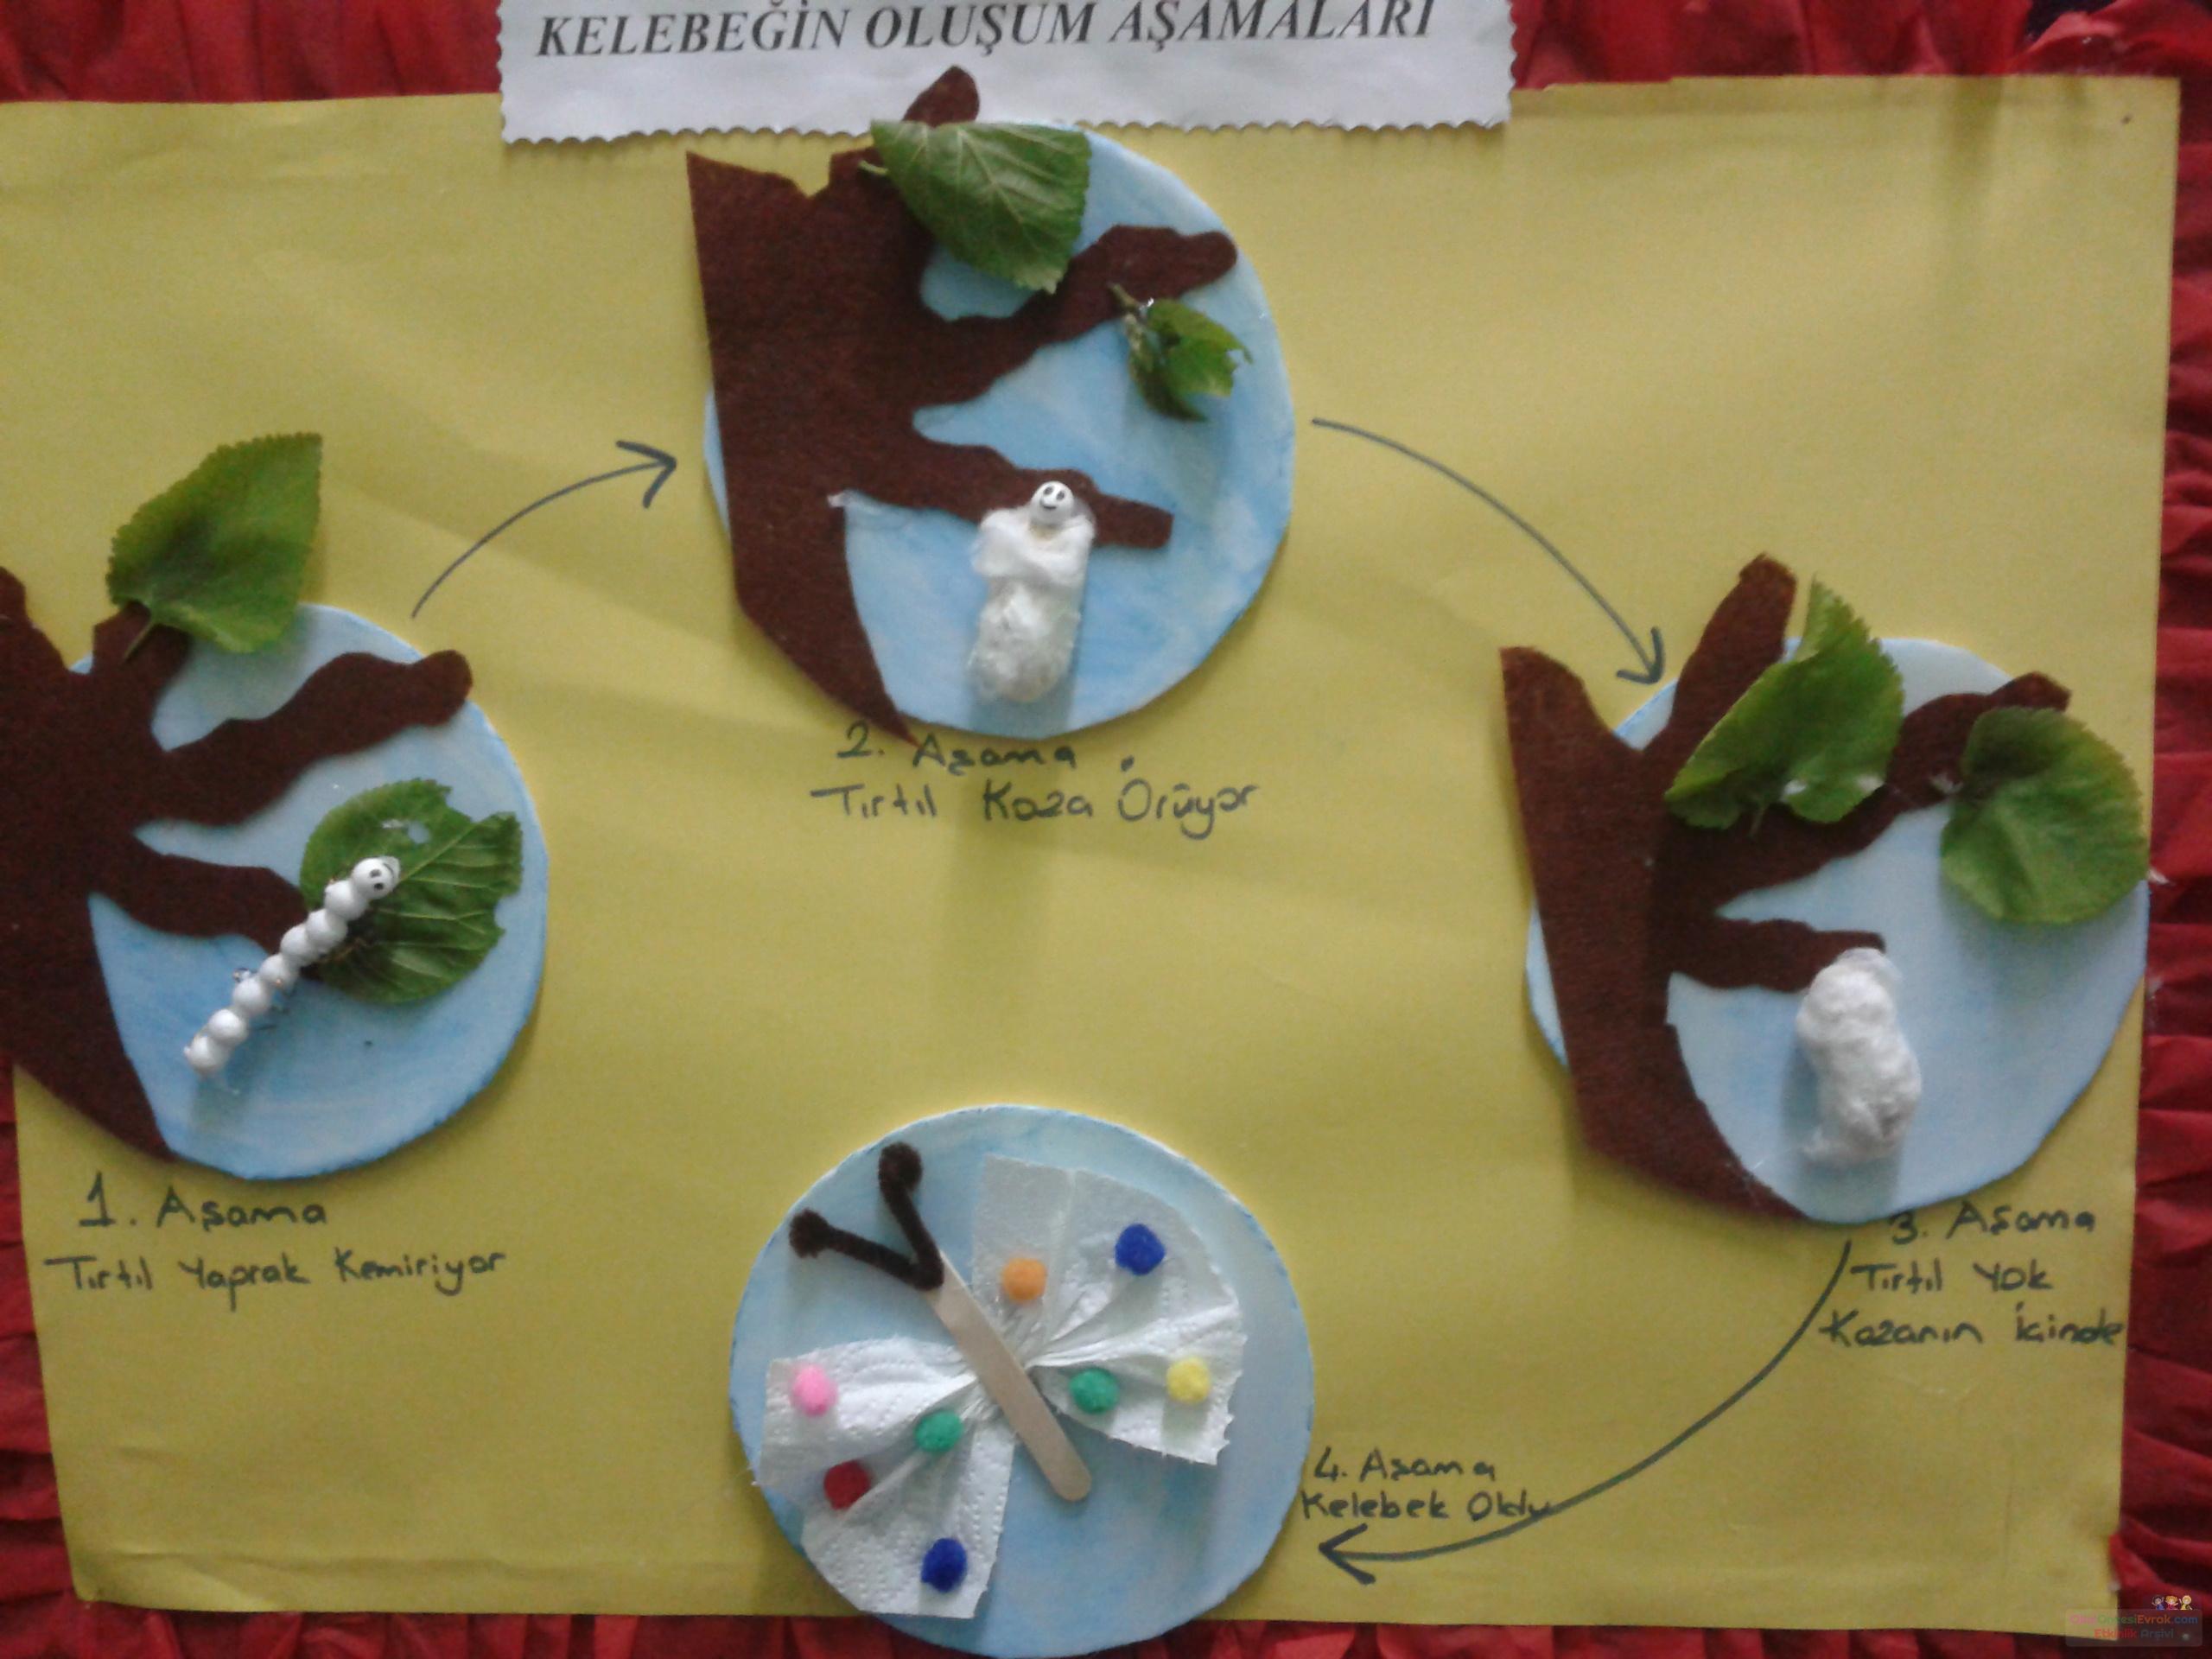 Kelebeğin Oluşum Aşamaları Preschool Activity